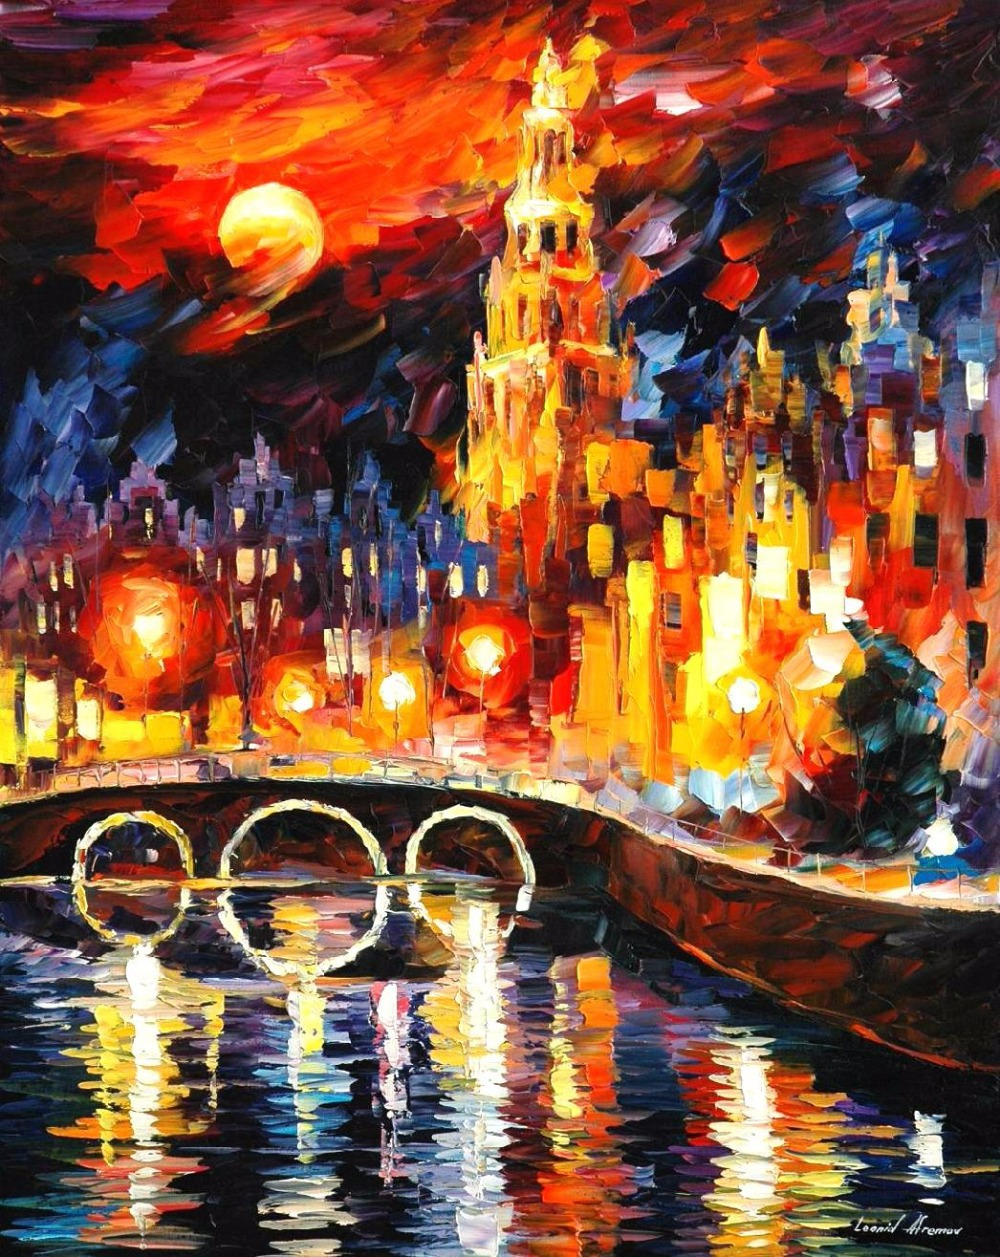 Mooie Schilderen Home Decor amsterdams magic Kleurrijke schilderijen Canvas Abstracte Moderne Kunst Hoge kwaliteit Handgemaakte